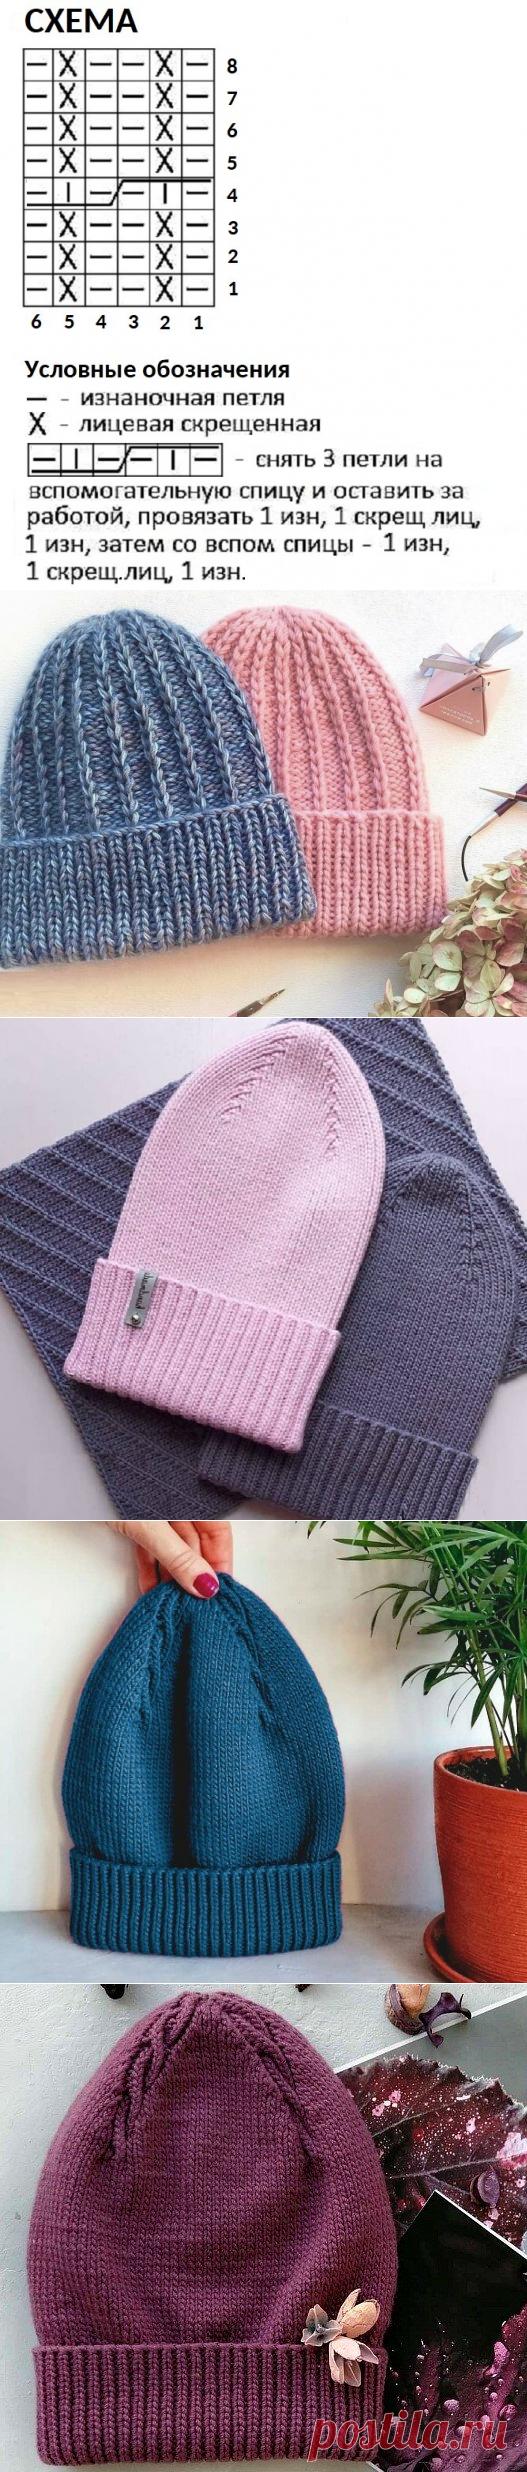 3 модные шапки, которые вы легко сможете связать сами (с описанием)   Идеи рукоделия   Яндекс Дзен